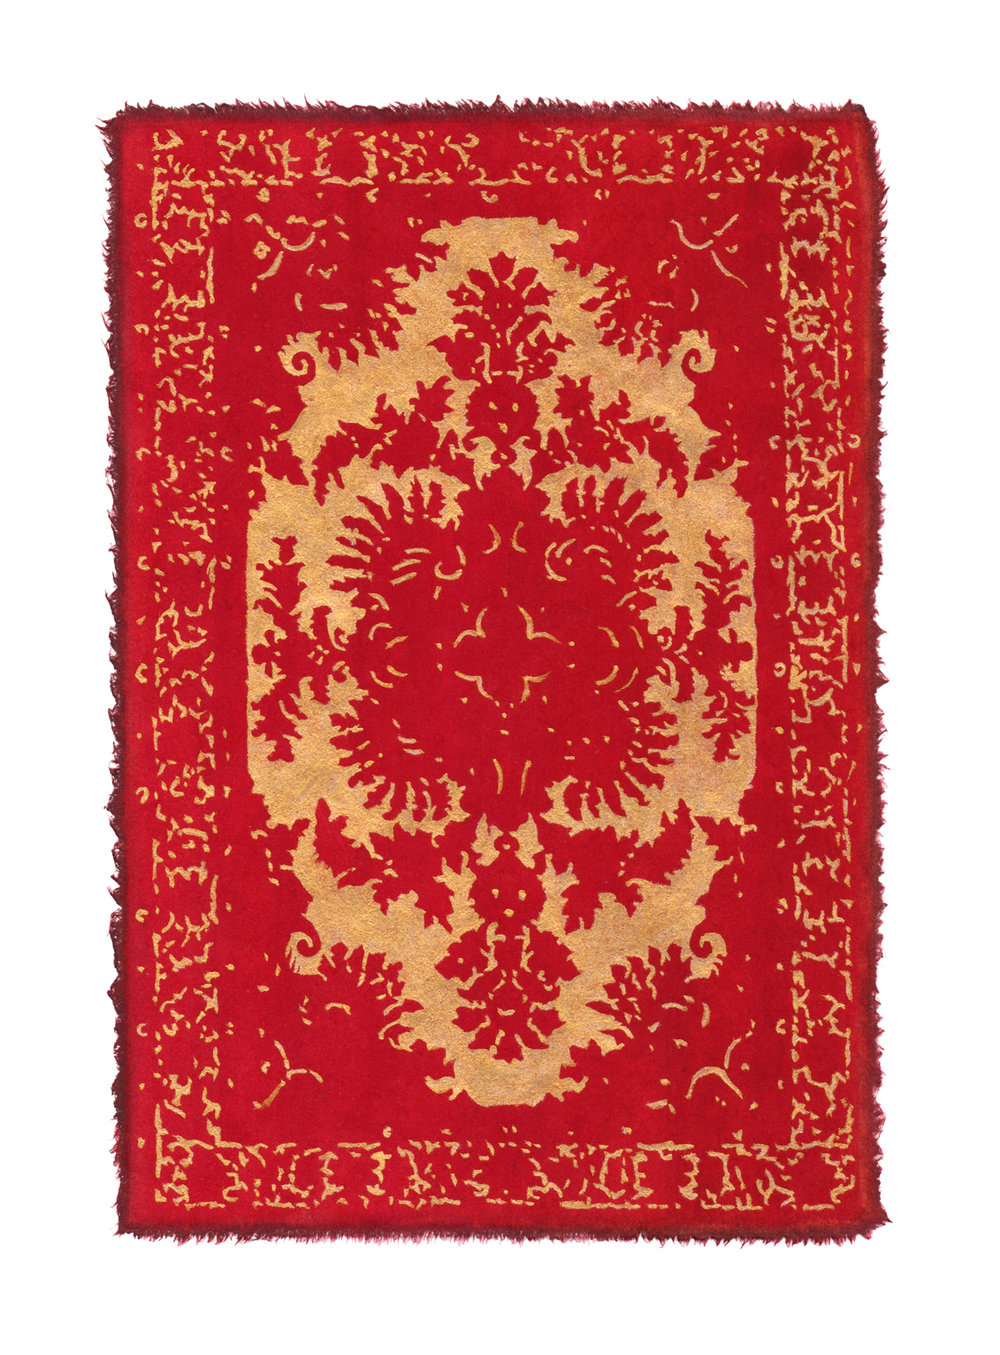 Magic Carpet No. 27